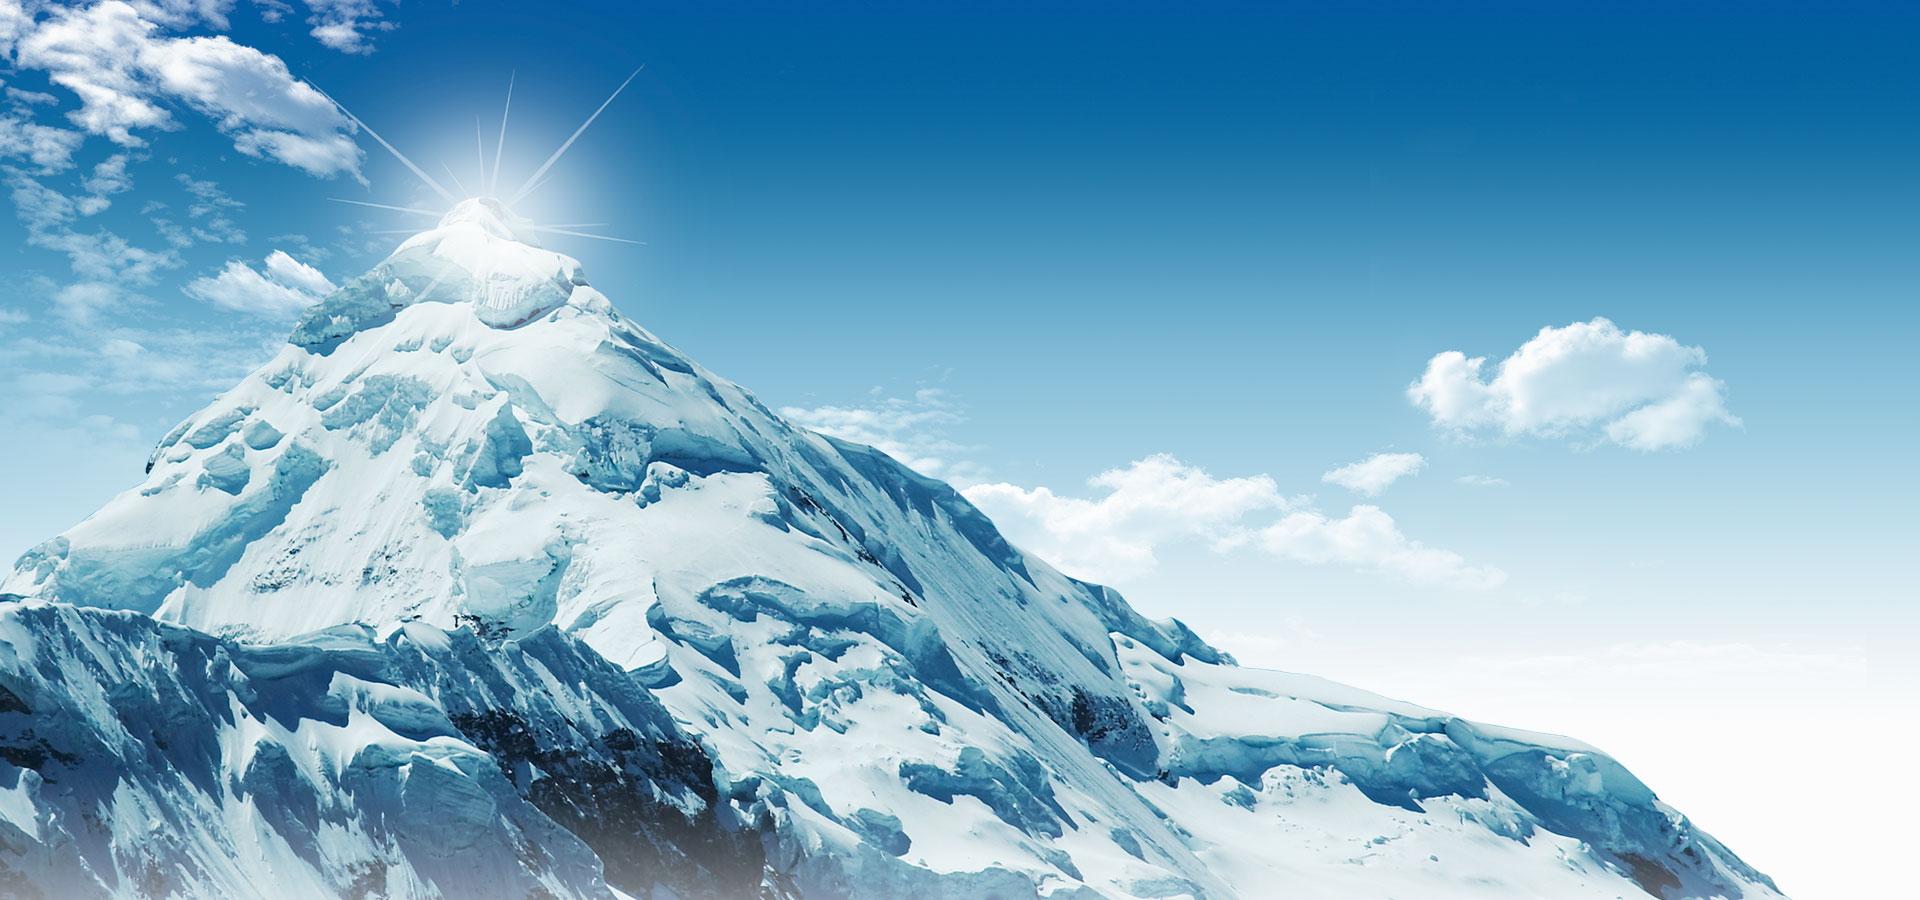 Il paesaggio sullo sfondo di montagne innevate